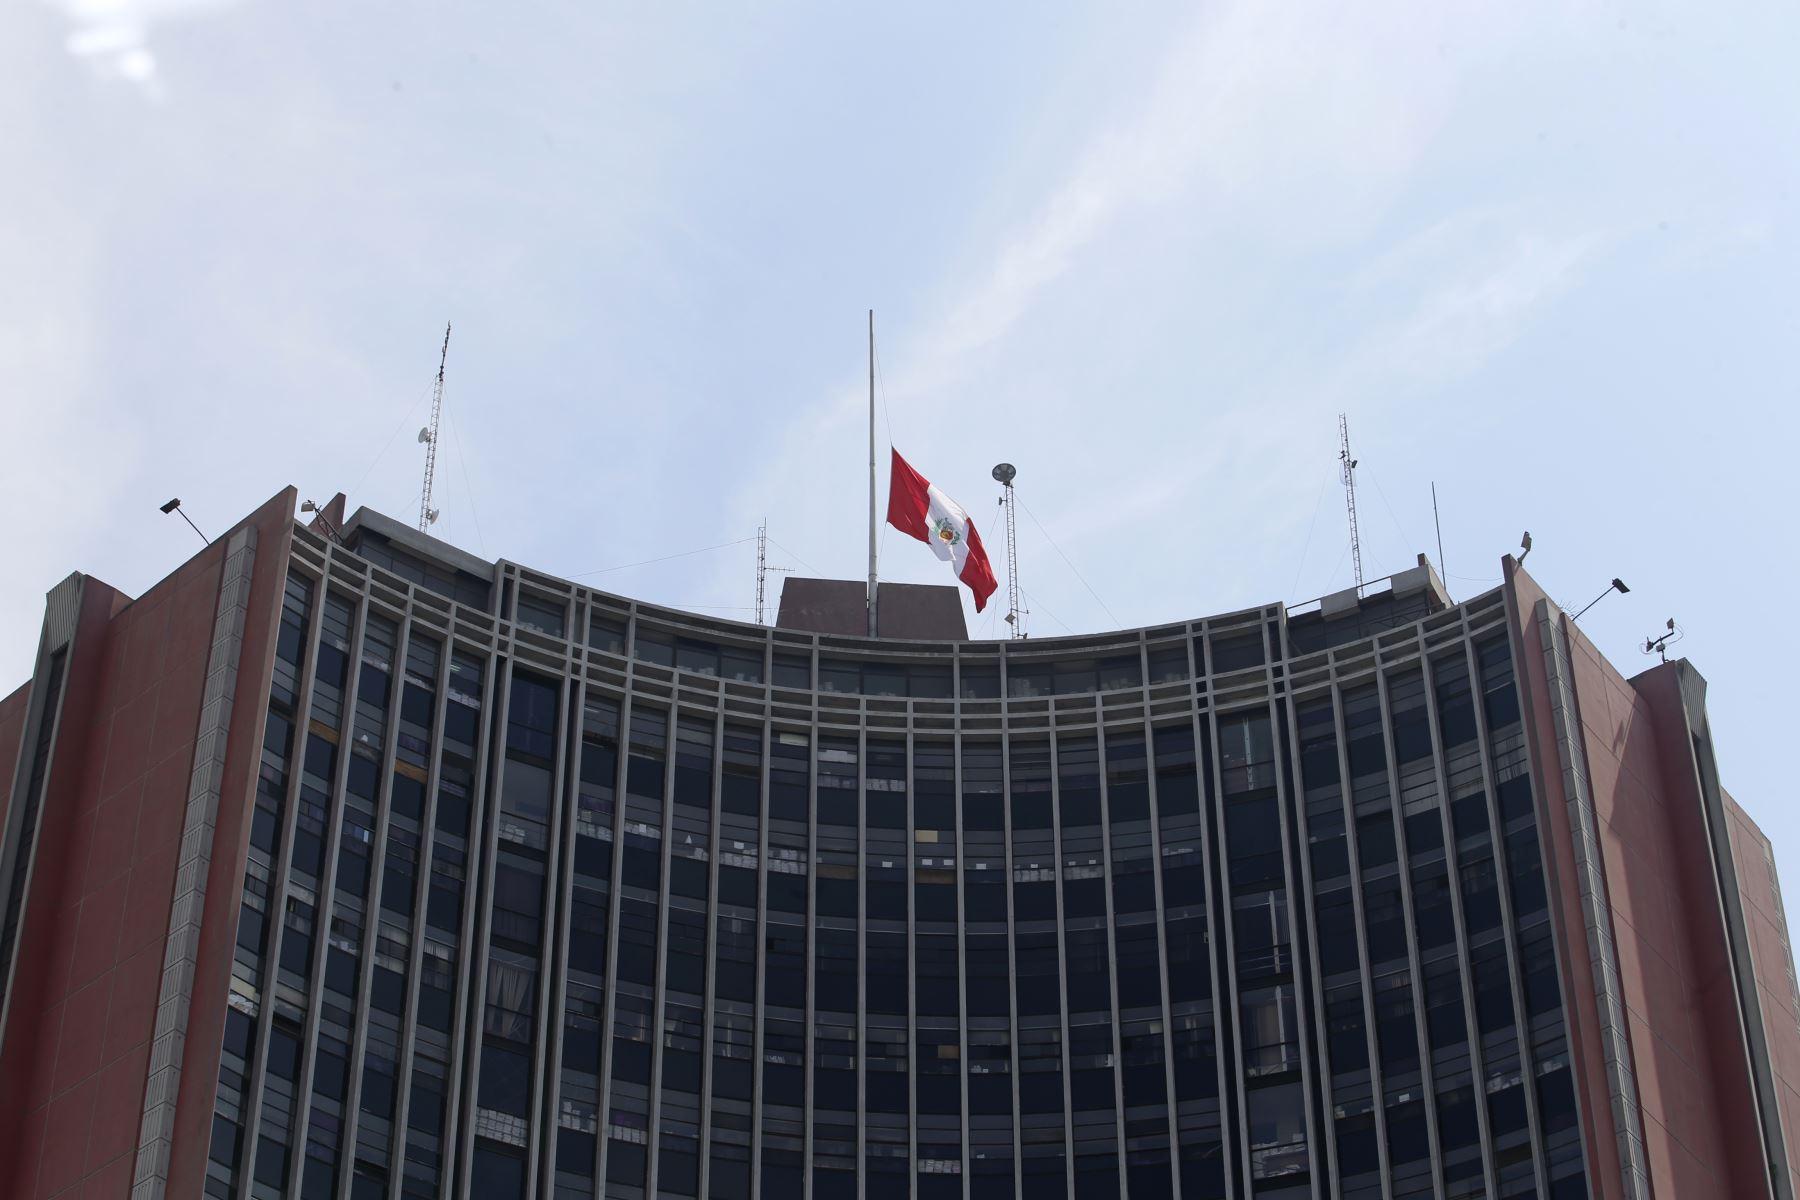 Instituciones Públicas con la Bandera de Perú a media asta con motivo del fallecimiento del ExPresidente Alan Garcia. Sede Poder Judicial. Foto: ANDINA/Nathalie Sayago